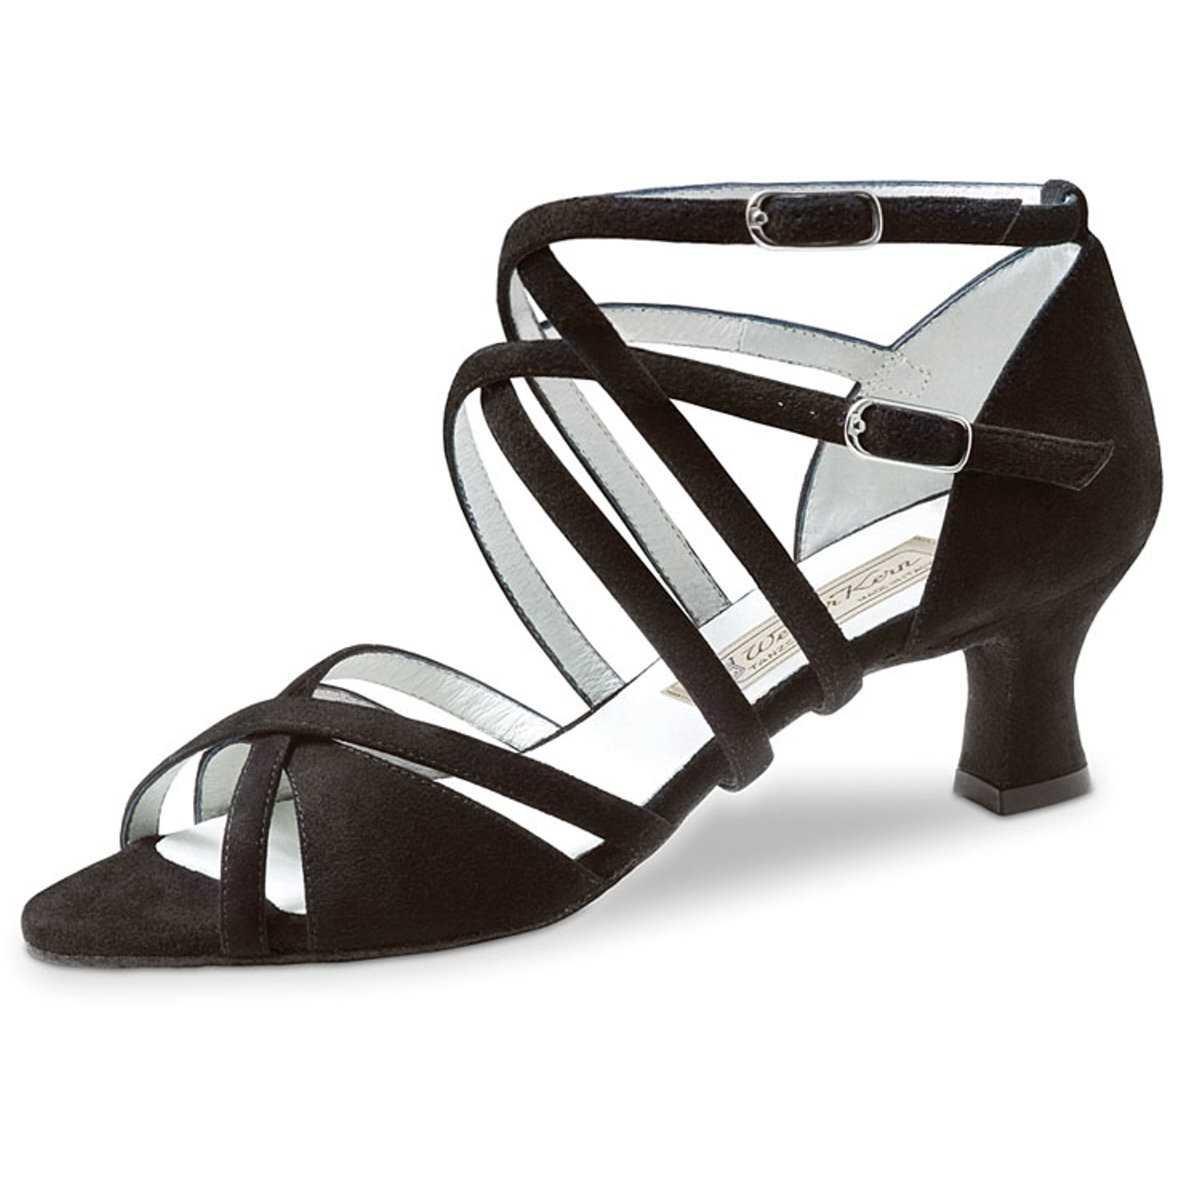 Werner Kern Femmes Chaussures de Danse Eva - Suéde Noir - 5, 5 cm